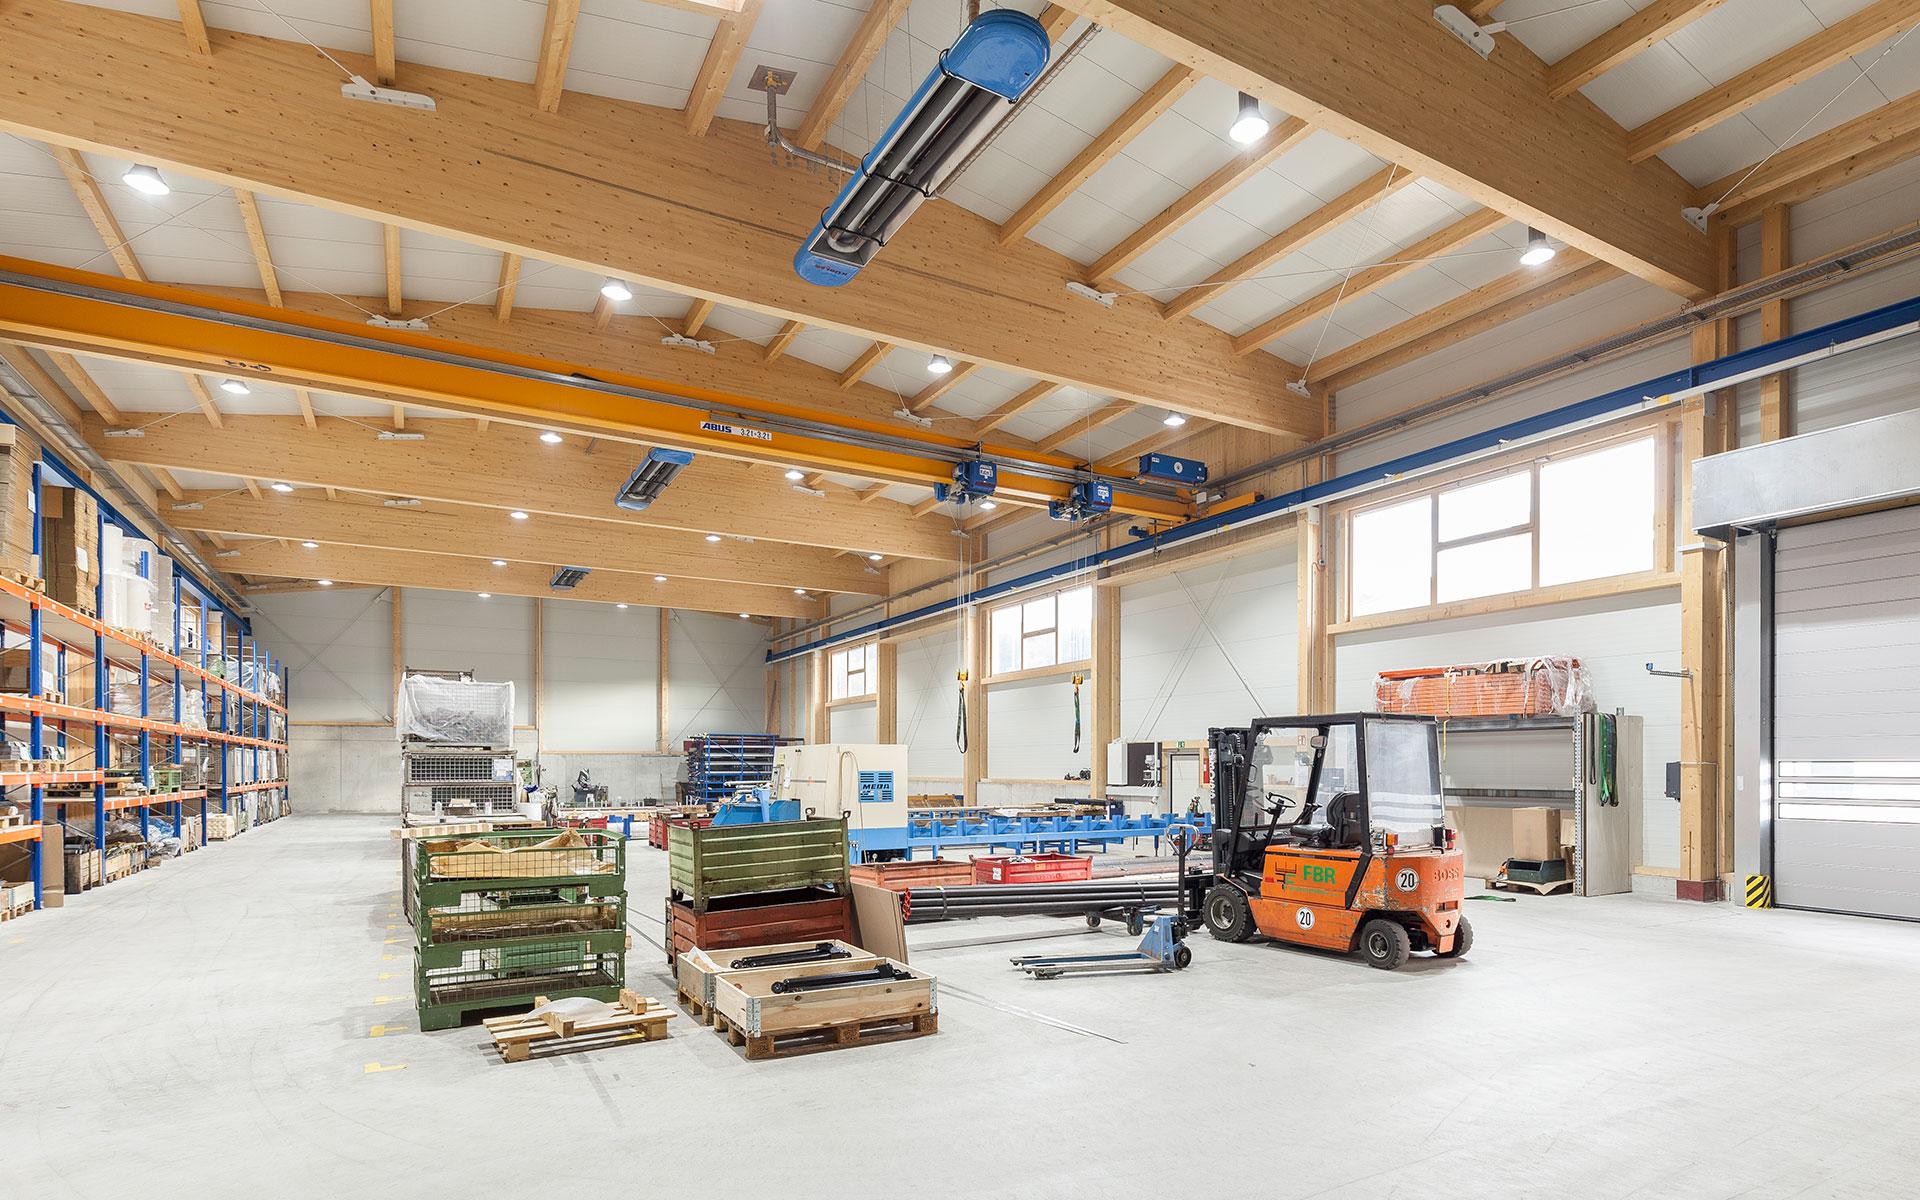 Industriehalle im Holzbau